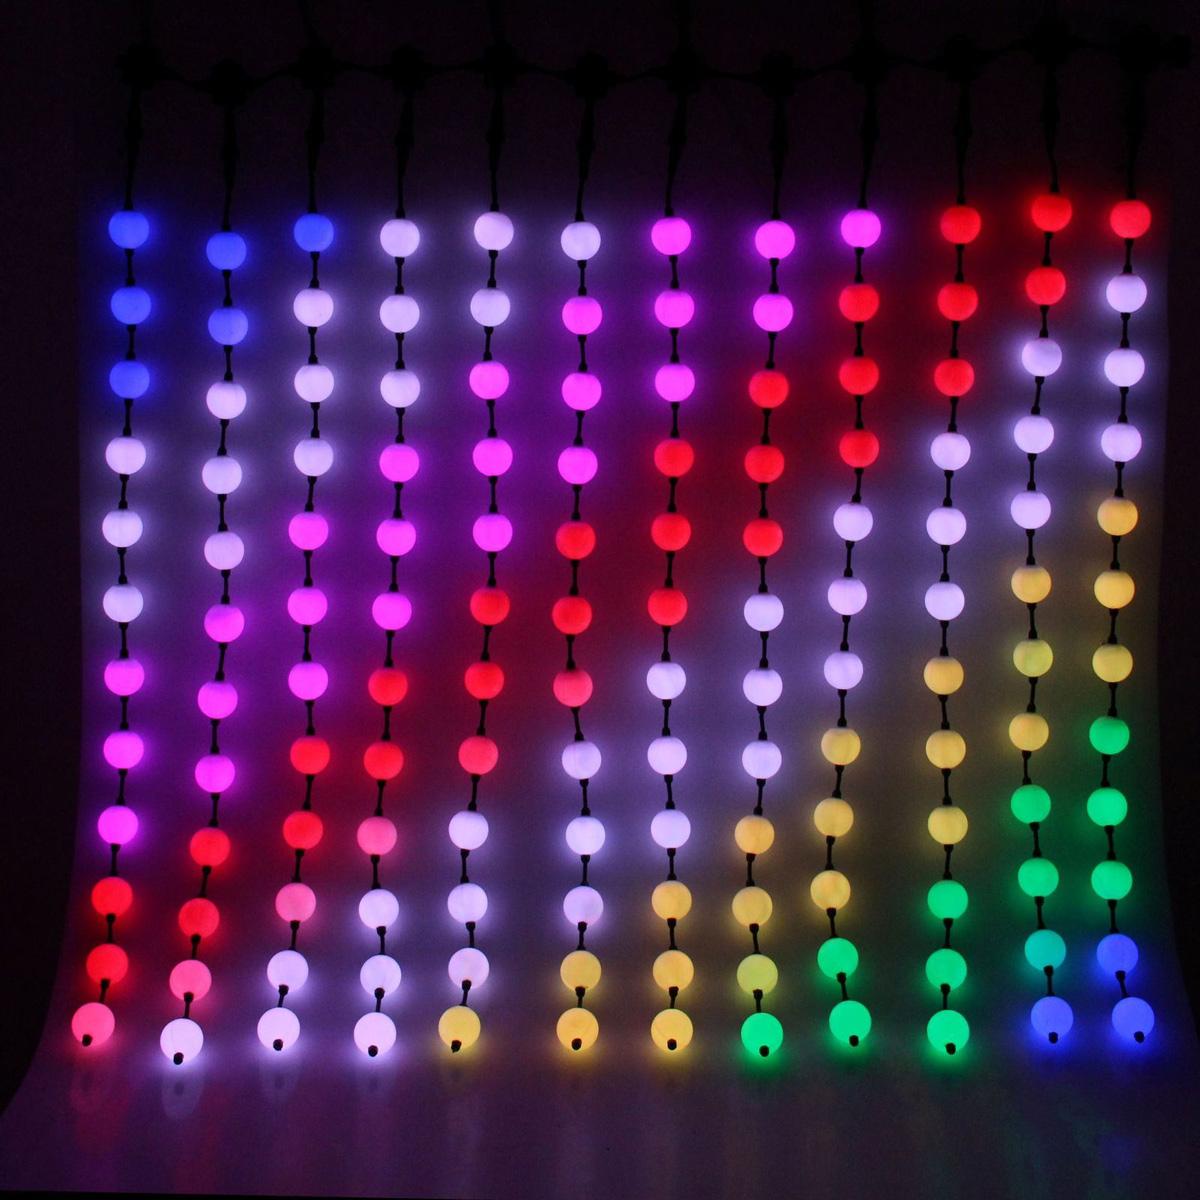 Гирлянда светодиодная Дождь. Умные шарики, 30 режимов, 144 лампы, 220 V, цвет: мультиколор, 1,2 х 1,2 м. 680483680483Светодиодные гирлянды, ленты и т.д — это отличный вариант для новогоднего оформления интерьера или фасада. С их помощью помещение любого размера можно превратить в праздничный зал, а внешние элементы зданий, украшенные ими, мгновенно станут напоминать очертания сказочного дворца. Такие украшения создают ауру предвкушения чуда. Деревья, фасады, витрины, окна и арки будто специально созданы, чтобы вы украсили их светящимися нитями.